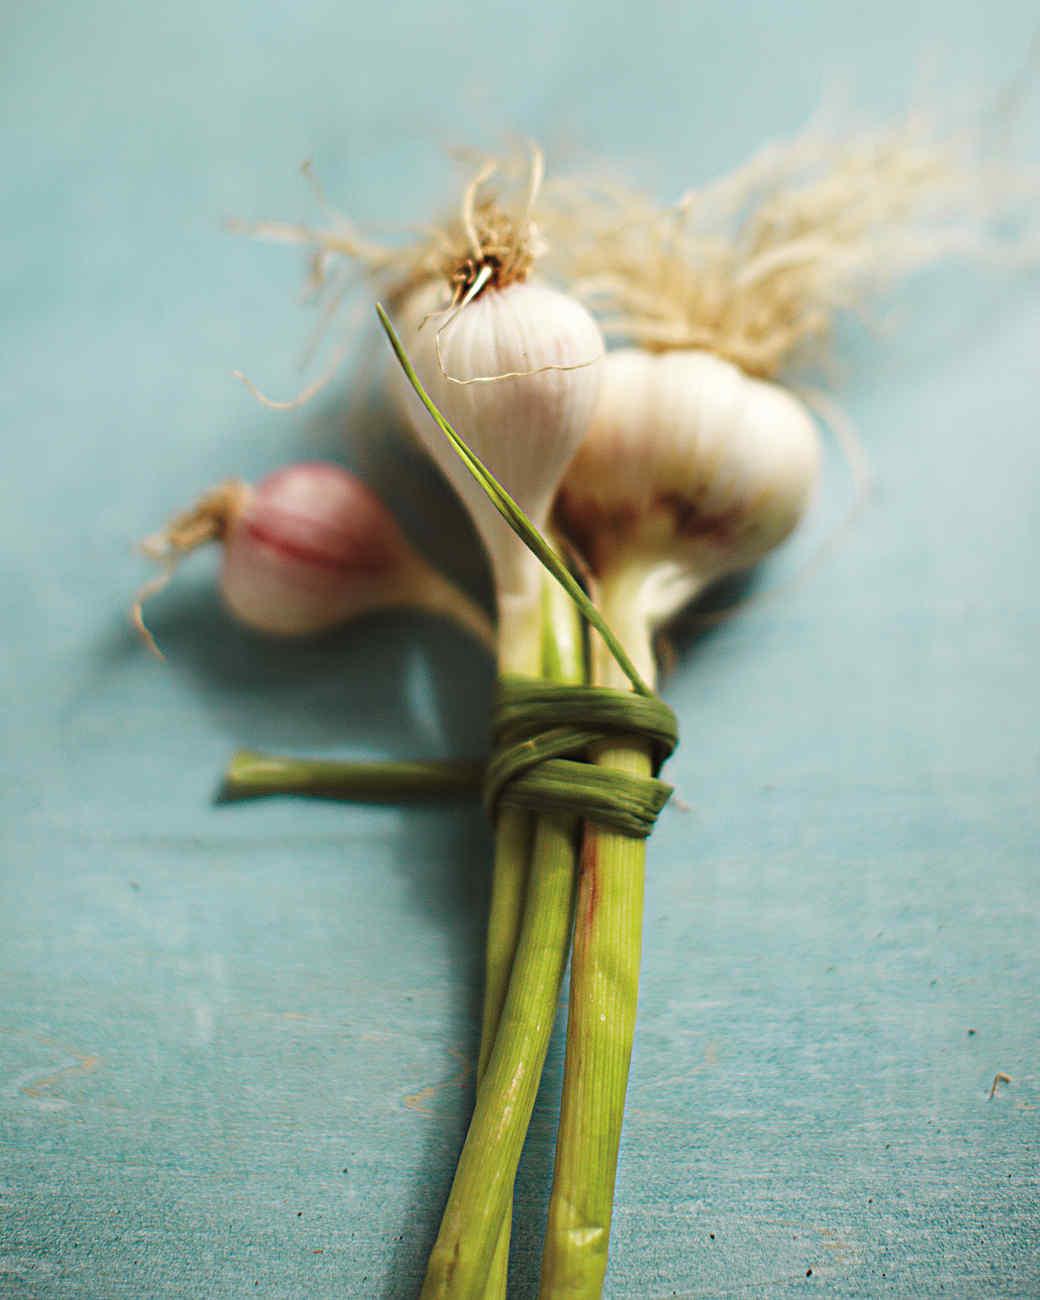 fresh-garlic-mld107571.jpg